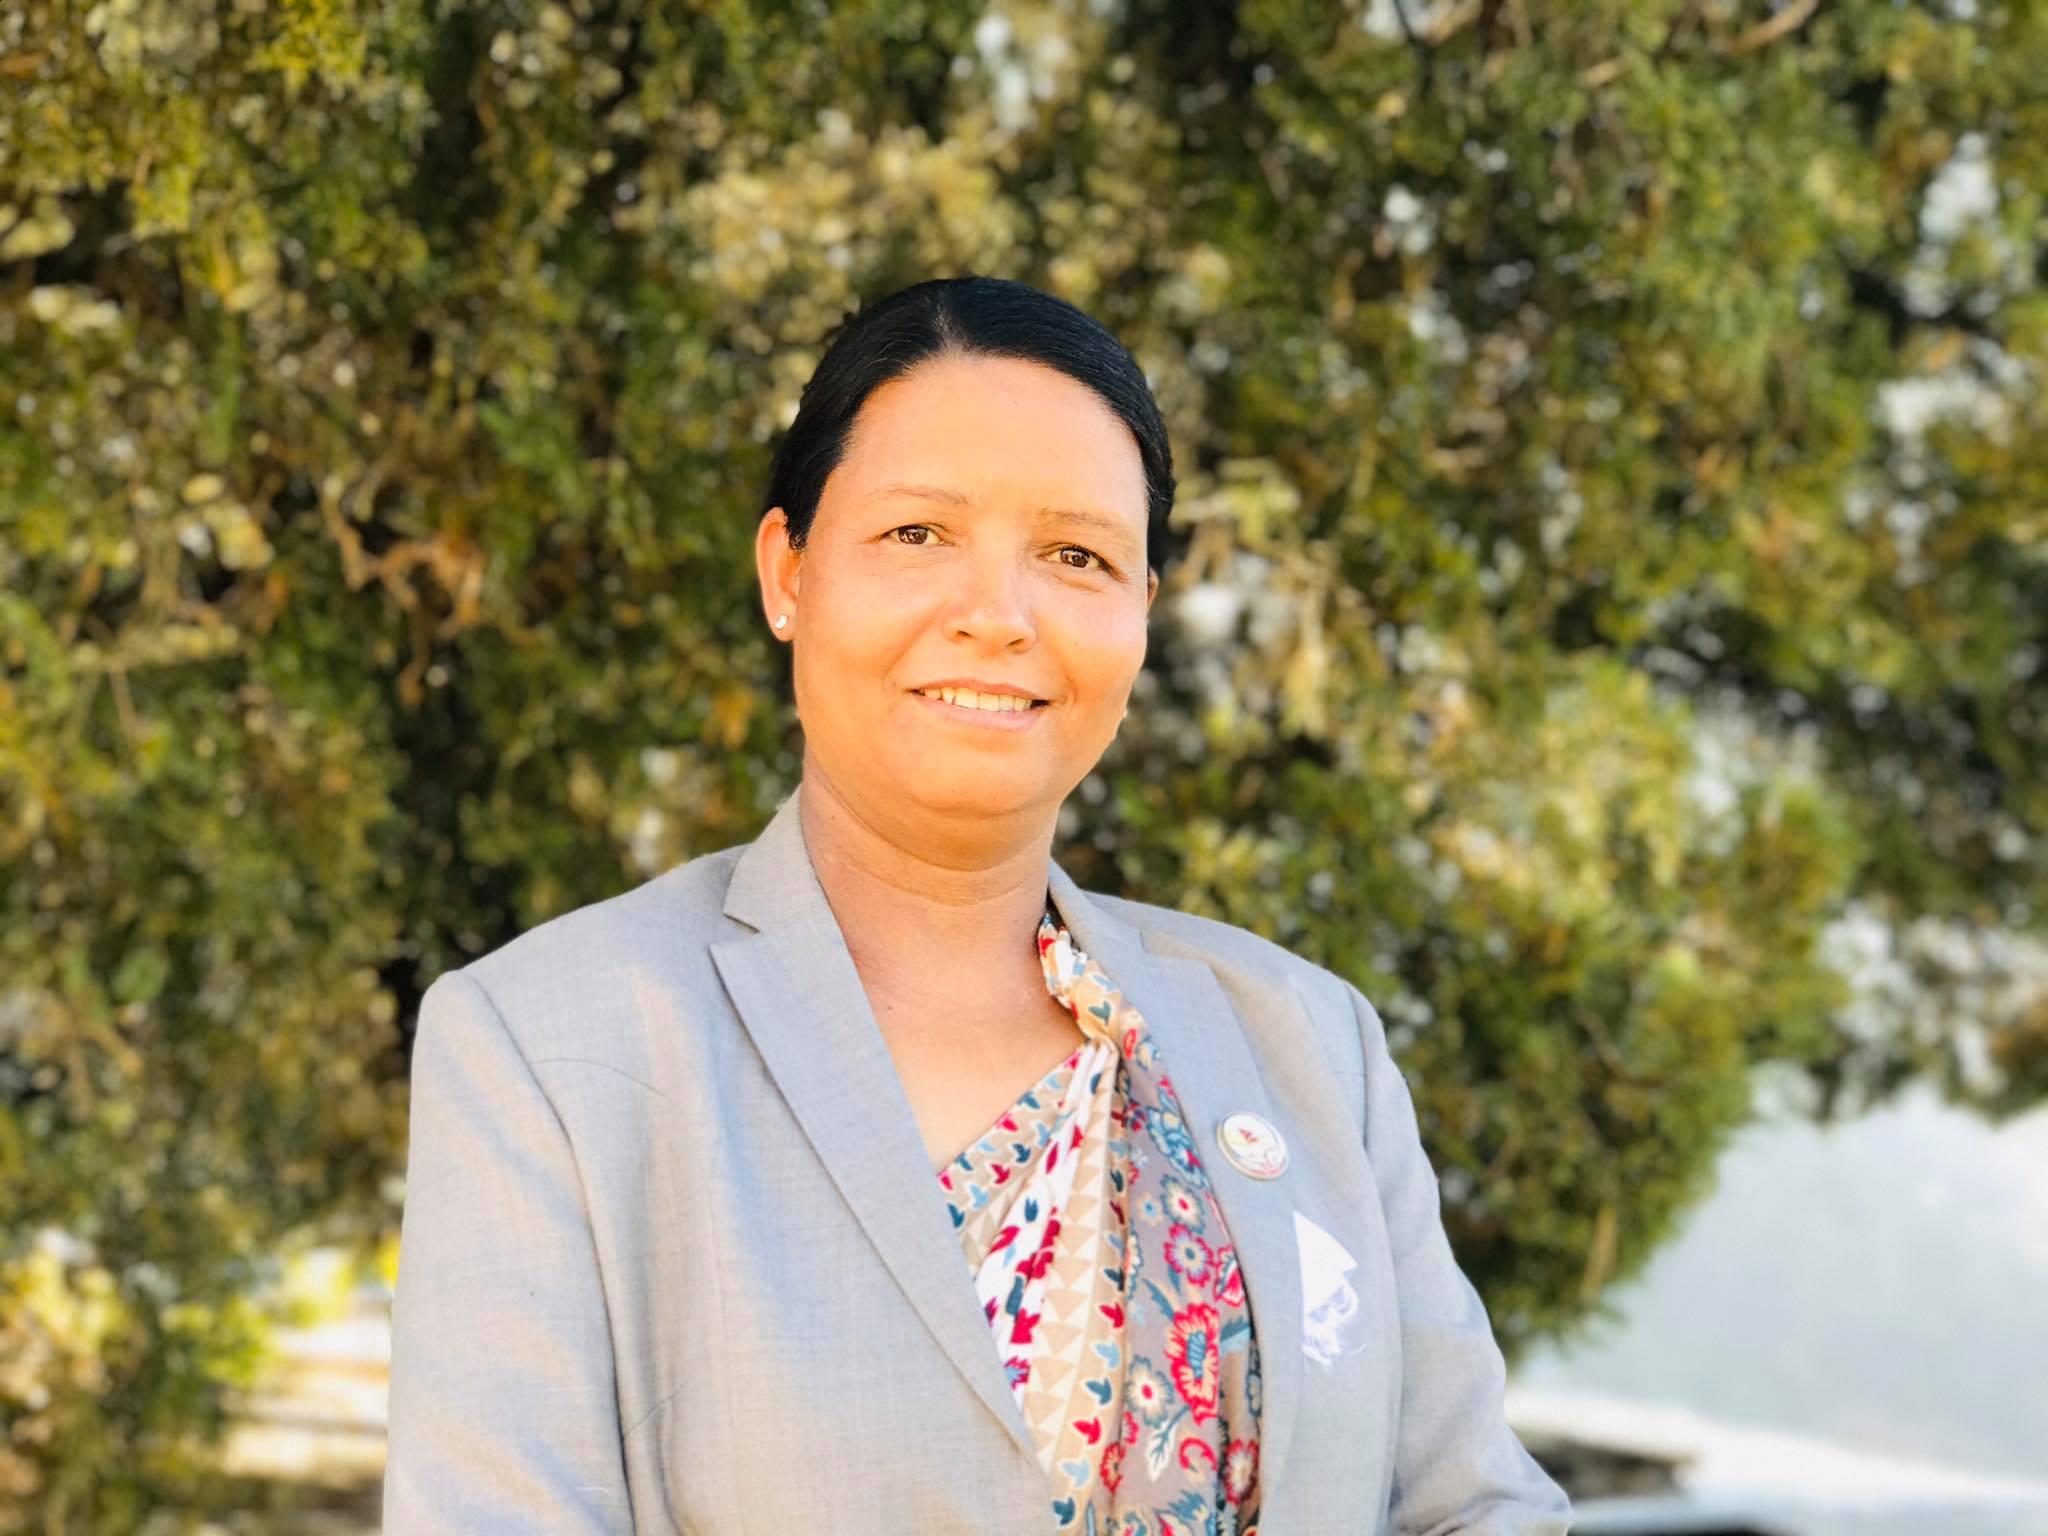 सन्दर्भ ः अन्तराष्ट्रिय श्रमिक महिला दिवस कविता ः तिम्रो मर्मको रक्षार्थ